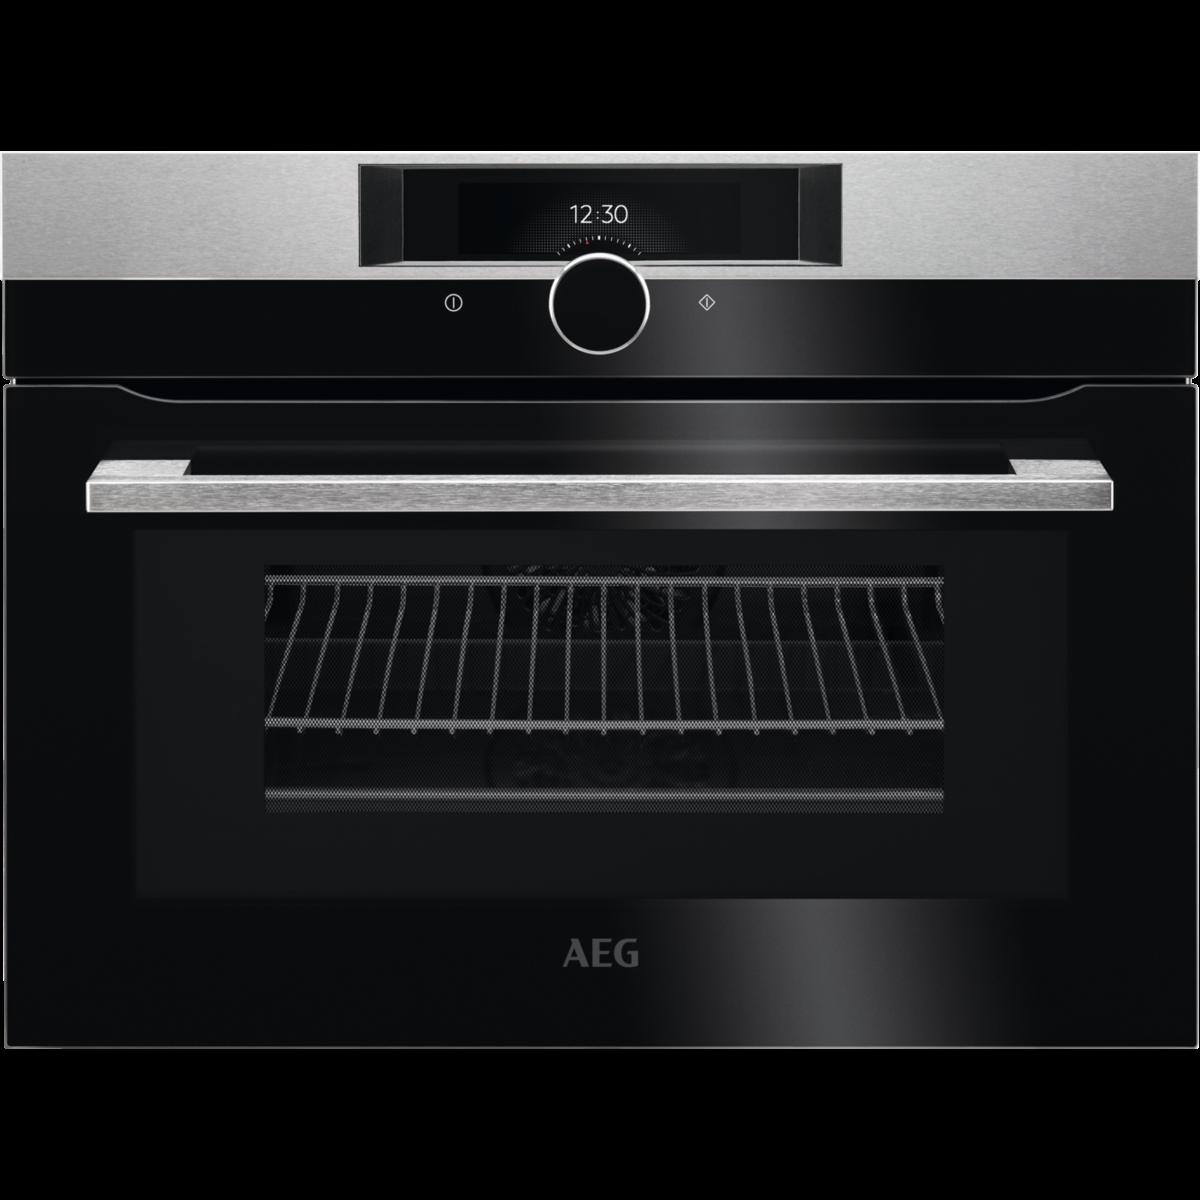 תנור רב תכליתי משולב מיקרוגל דגם - KMK861000M